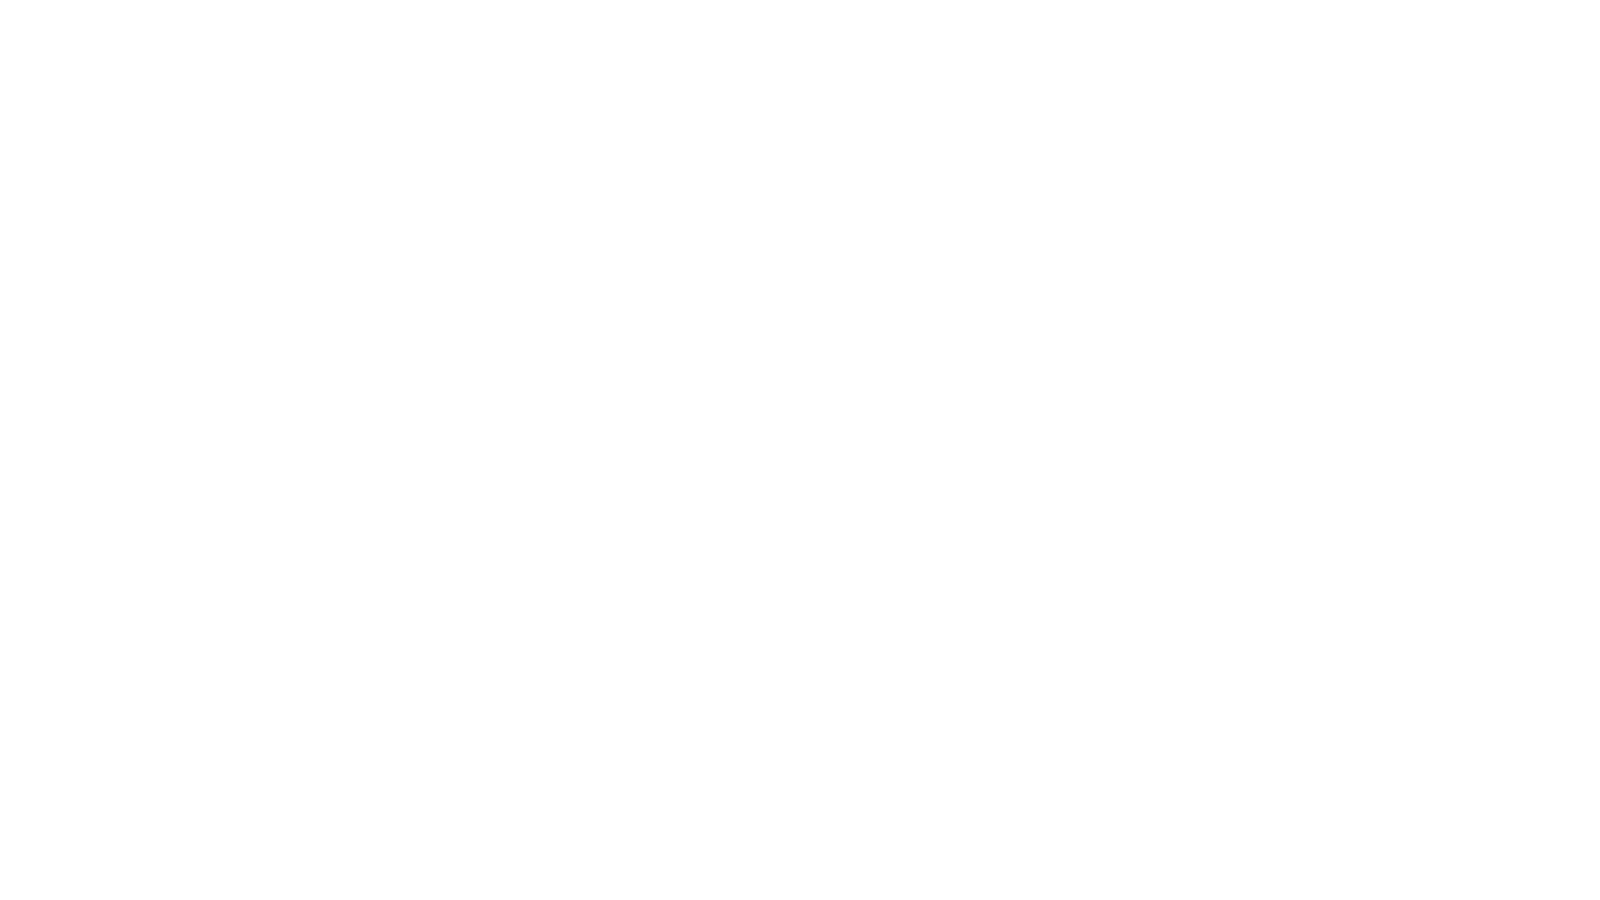 ¡Bona tarda i bona hora, Tontacos Neuróticos!  Teníamos muchas ganas de enseñaros la entrevista que le hicimos justo hace una semana, al cantante Jxta Martin, por el estreno de su nuevo single: Lunares, y, aquí la tenéis.   Esperemos que os guste 😊  Nuestra compañera Ingrid (instagram: @ingxme) ha sido la que le ha entrevistado.  Abajo en los comentarios, dejarnos vuestra opinión, si os ha gustado el vídeo, y os gustaría ver más así, apoyarlo con un like, que es gratis, suscribiros al canal de la radio si aún no lo habéis hecho, y, activar la campanita, para no perderos ningún vídeo.  ¡Nos vemos en el próximo vídeo, Tontacos Neuróticos!  No olvidéis seguirnos por las redes:  Twitter: http://bit.ly/39w3q5S Facebook: http://bit.ly/2Hflc19 Instagram: http://bit.ly/3agKHLO Telegram: @tontacosneuroticos Web: http://bit.ly/38dDcns  Y, ya sabéis, a vivir que son....¡TWO DAYS!